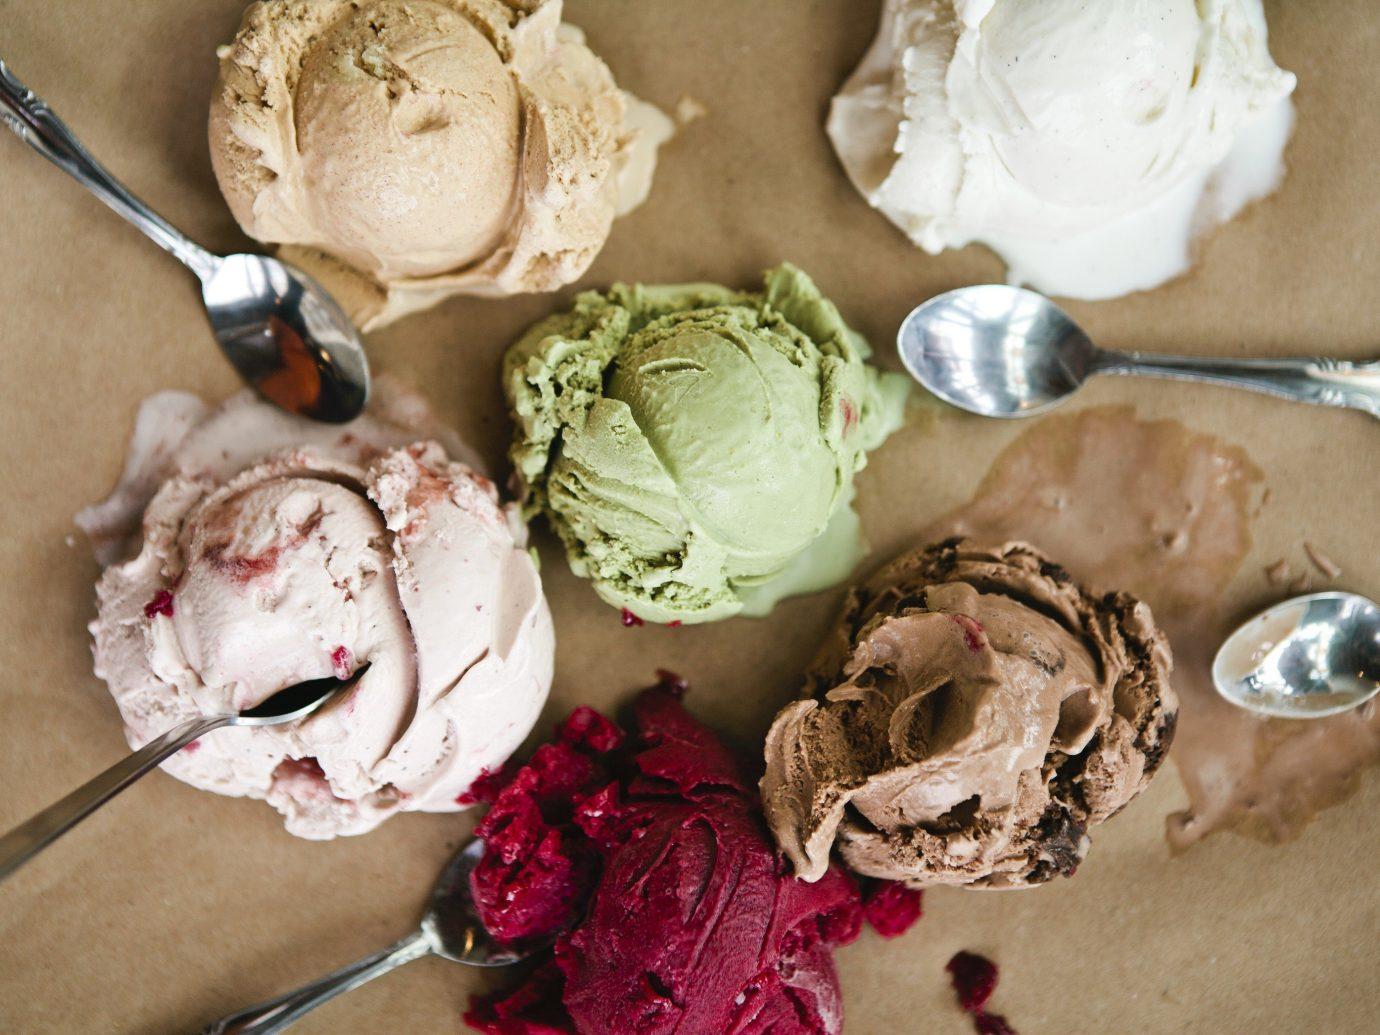 Trip Ideas ice cream dessert floor food gelato dairy product frozen dessert flavor dondurma ingredient cream animal source foods